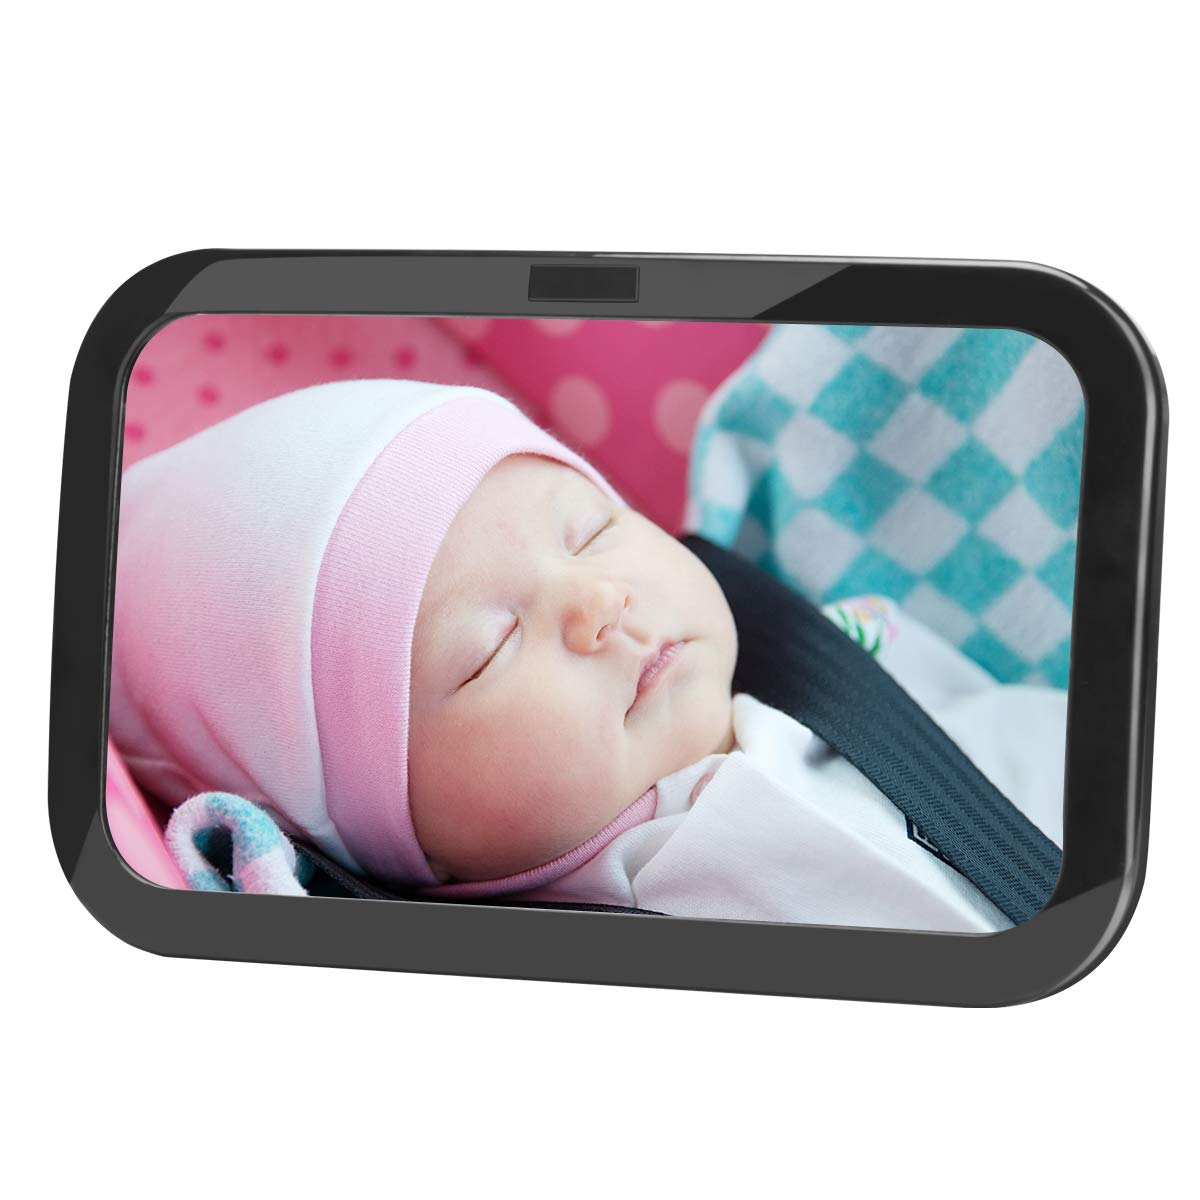 Luxebell Baby Rü cksitzspiegel, Sicherheitsspiegel mit Gurten passend fü r alle Fahrzeuge mit Kopfstü tze, Konvexspiegel aus bruchsicheren Acrylglas, Grö ß e 30 x 19 x 2 cm